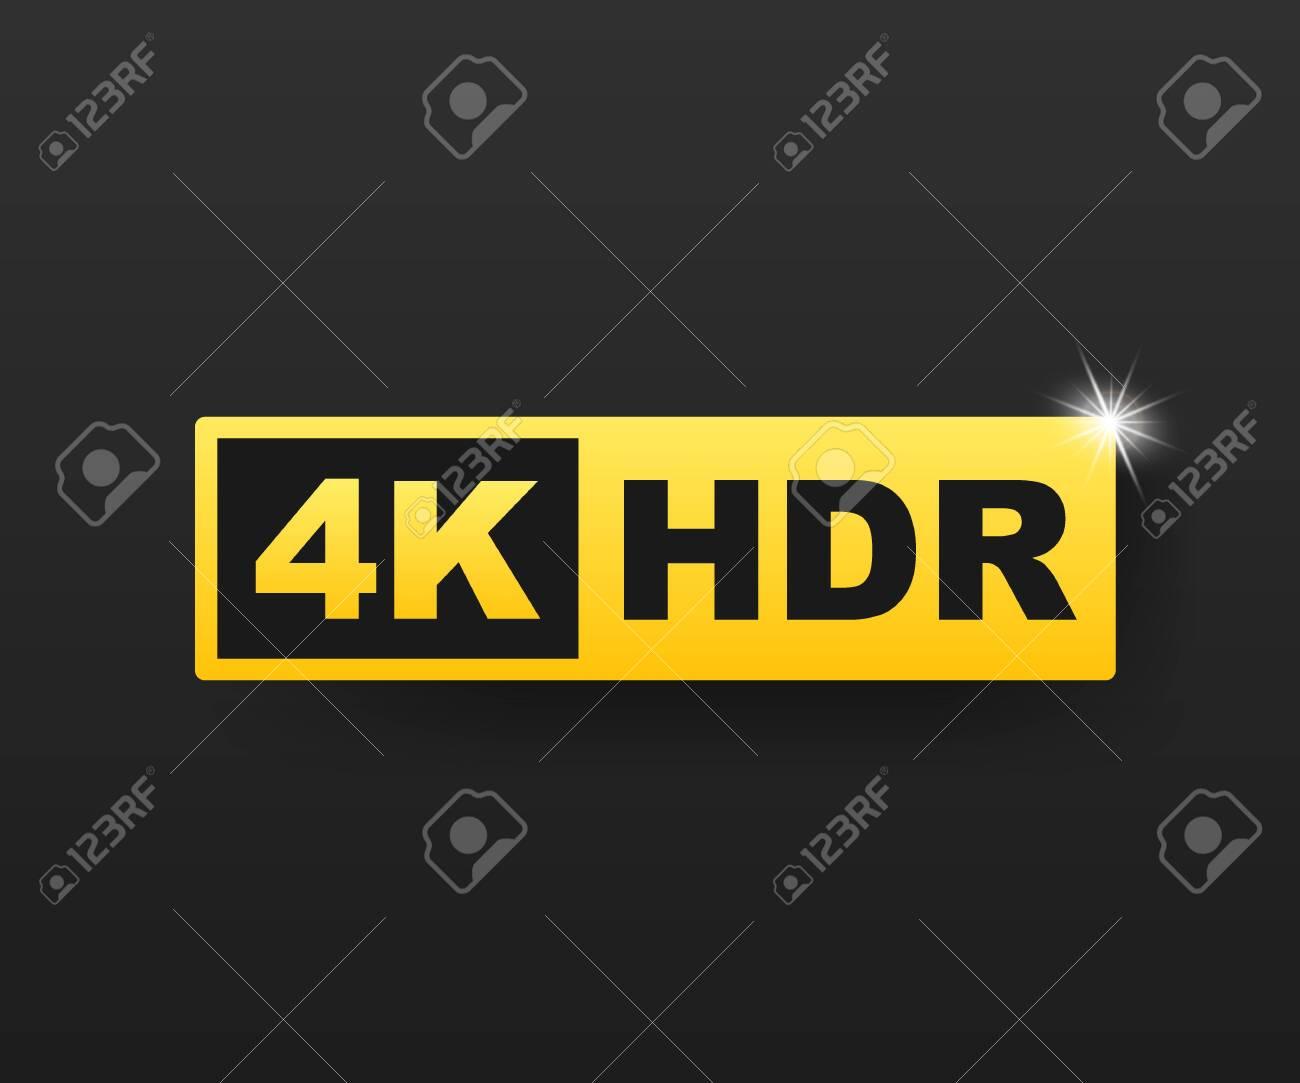 4K Ultra HD symbol, High definition 4K resolution mark, HDR. Vector stock illustration. - 122351122